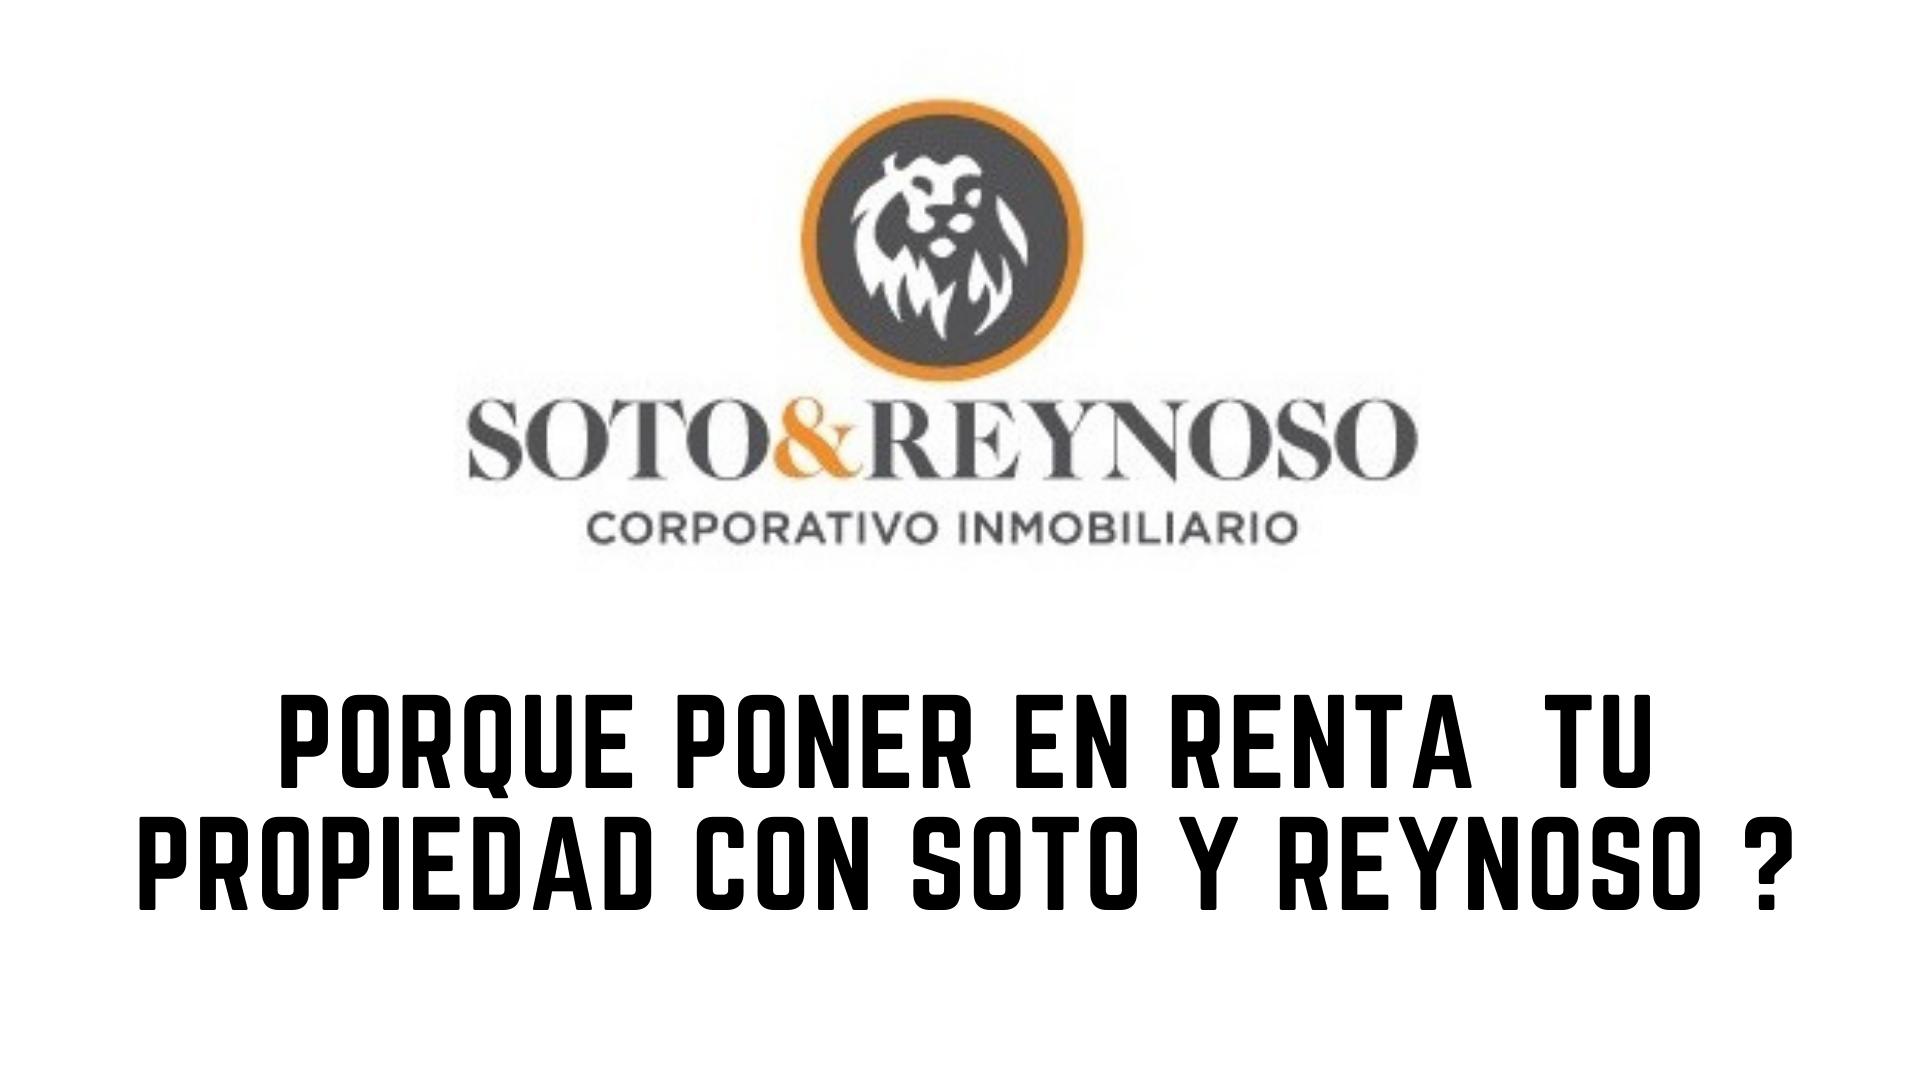 porqué_poner_en_renta_un_inmueble_con_soto_y_reynoso__.png